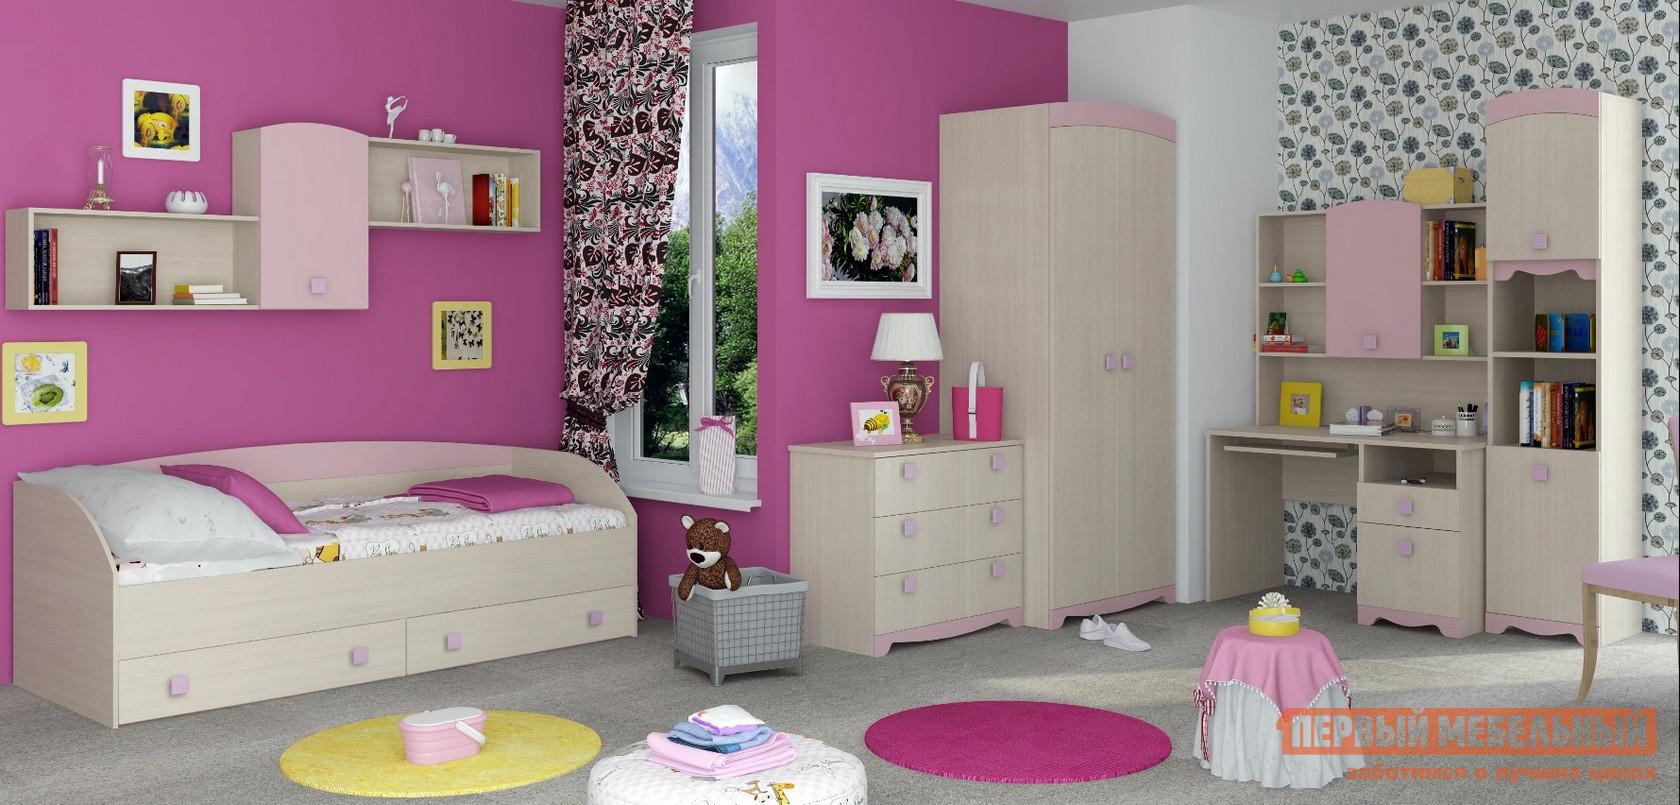 Комплект детской мебели ТД Арника Пинк К2 комплект детской мебели тд арника робинзон к1